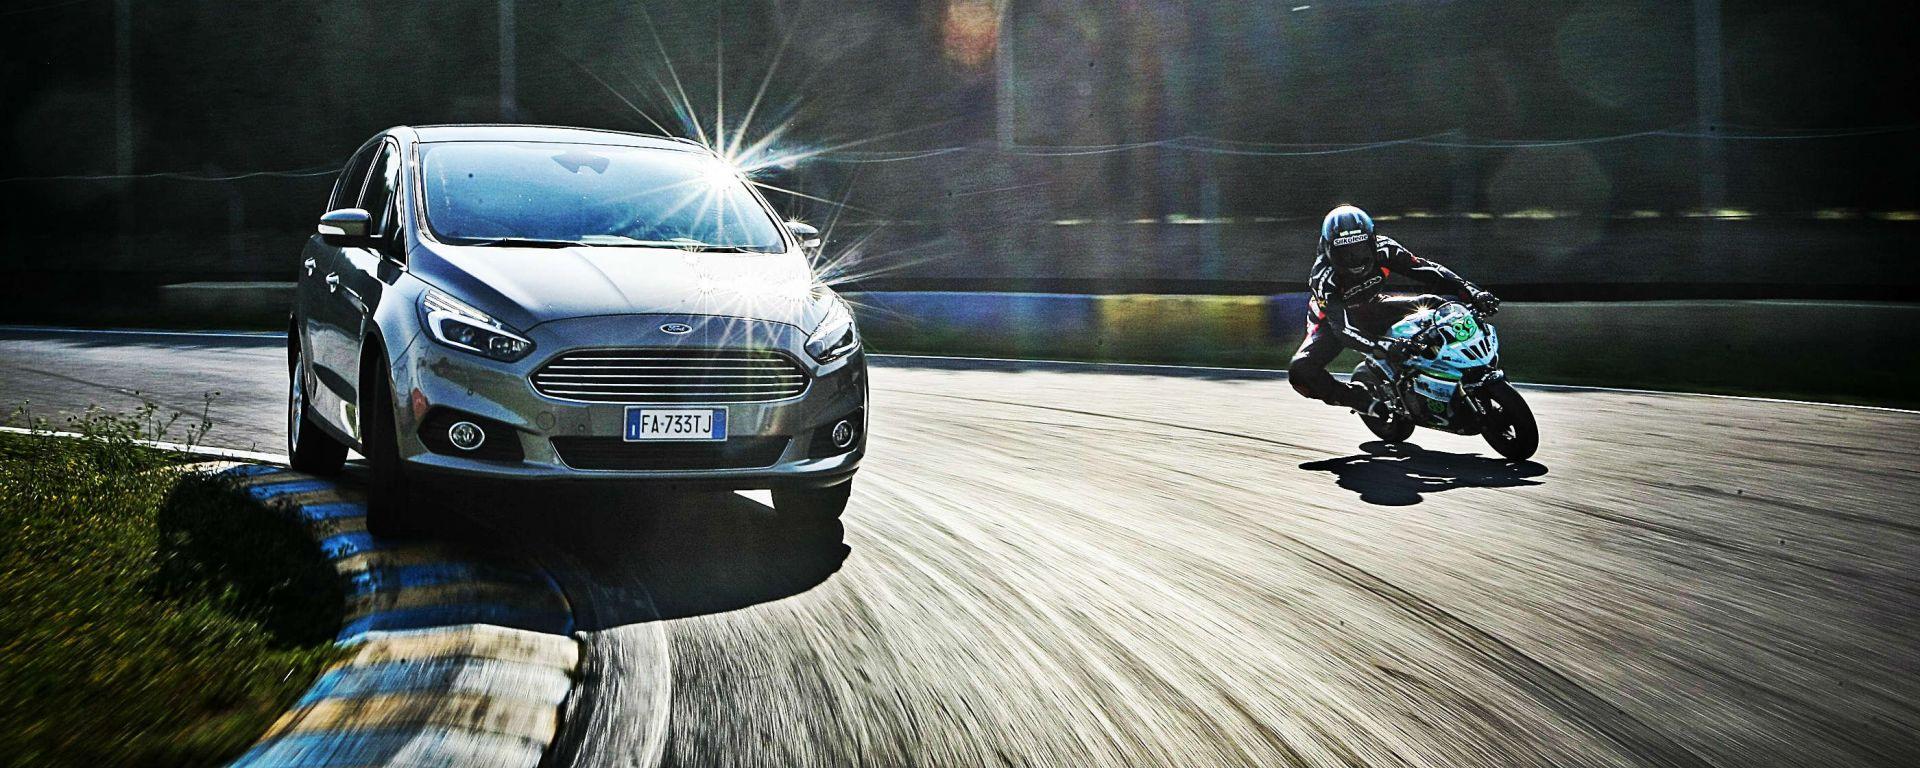 Ford S-Max e minimoto gp: la sfida in pista. Guarda il video